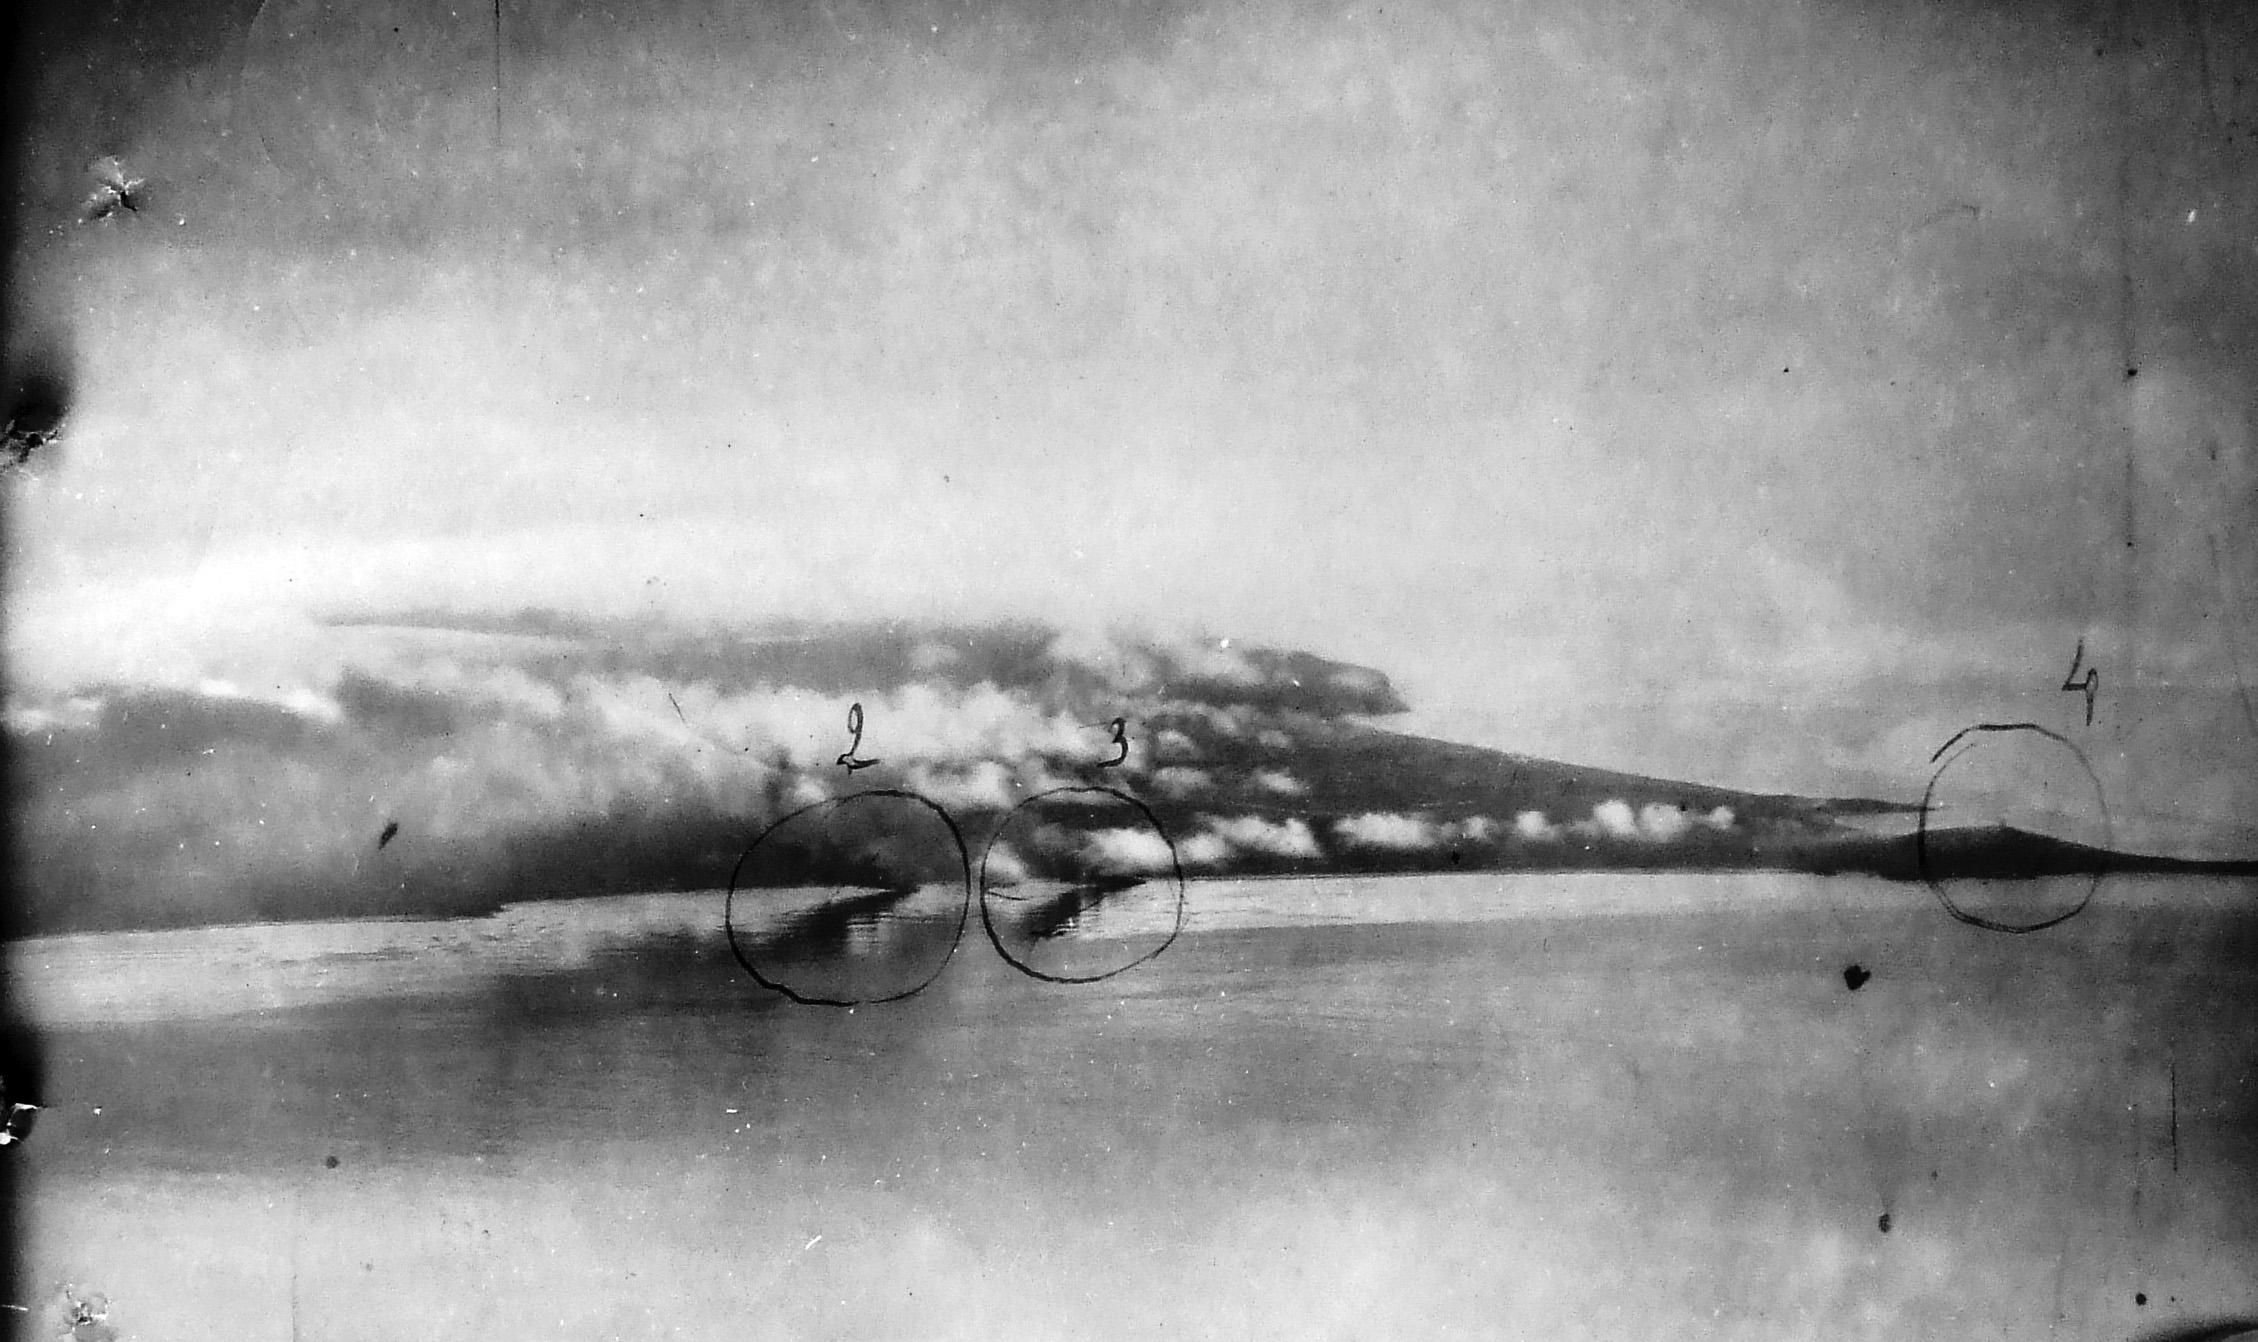 Единственная известная фотография момента высадки советского десанта на остров Шумшу.  Утро 18 августа 1945 г.  Горят ДС-9 (цифра 2) и ДС-43 (цифра 3). Цифрой 4 обозначен маяк на м. Кокутан. Небольшой выступ берега левее от ДС — мыс Такеда (совр. мыс Гурьева) , где были расположены хорошо укрытые огневые позиции японских ПТО, простреливавшие пляж и водную гладь перед ним.